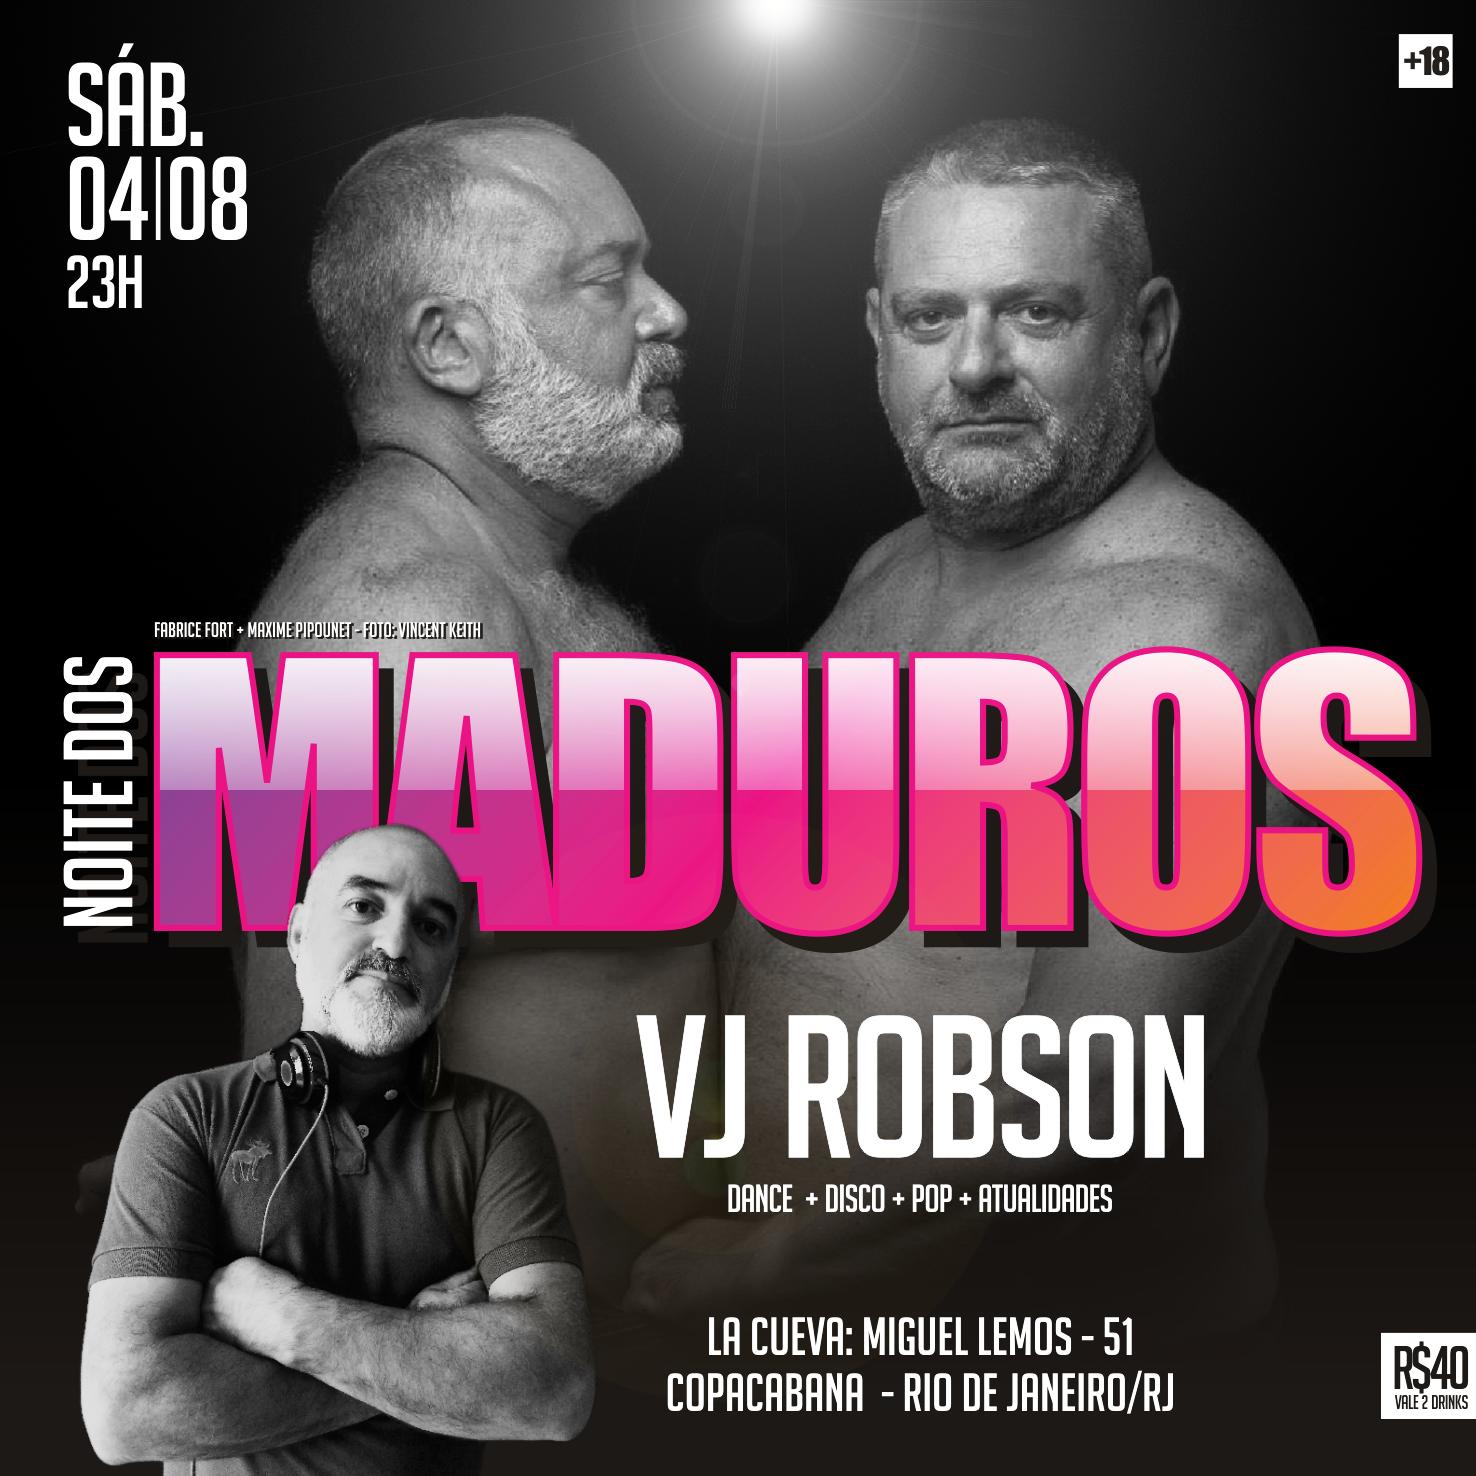 SÁBADO - 04/08 - 23H - NOITE DOS MADUROS